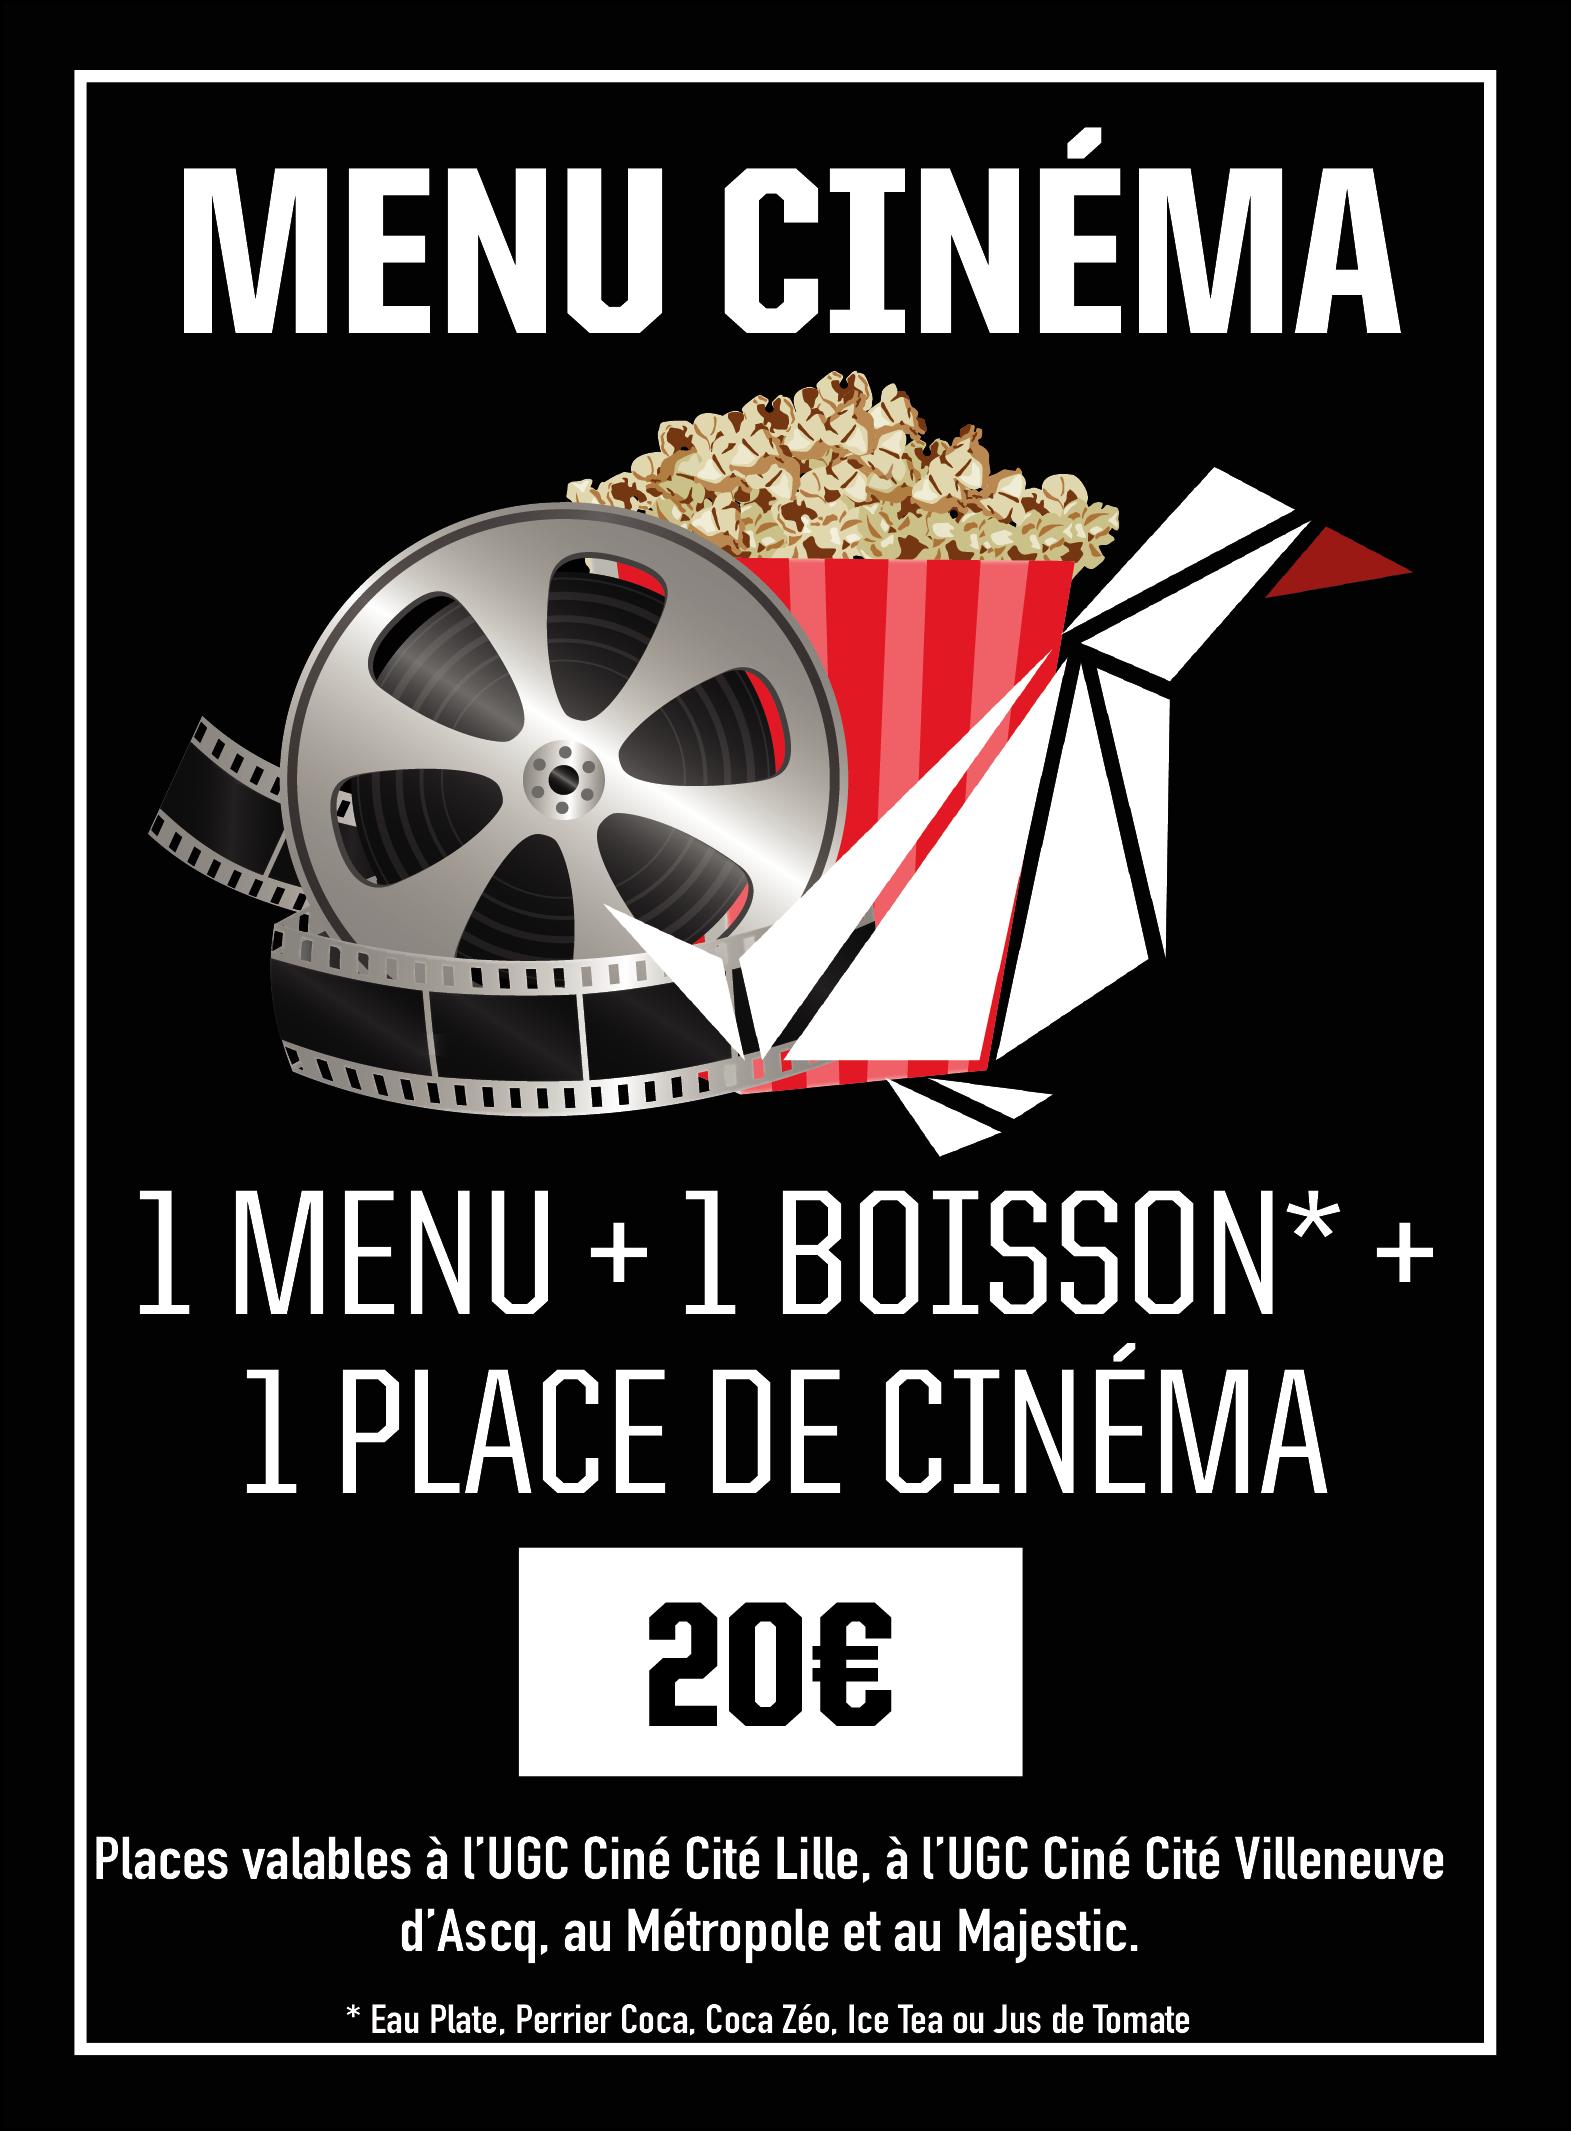 menu ciné 20€.png